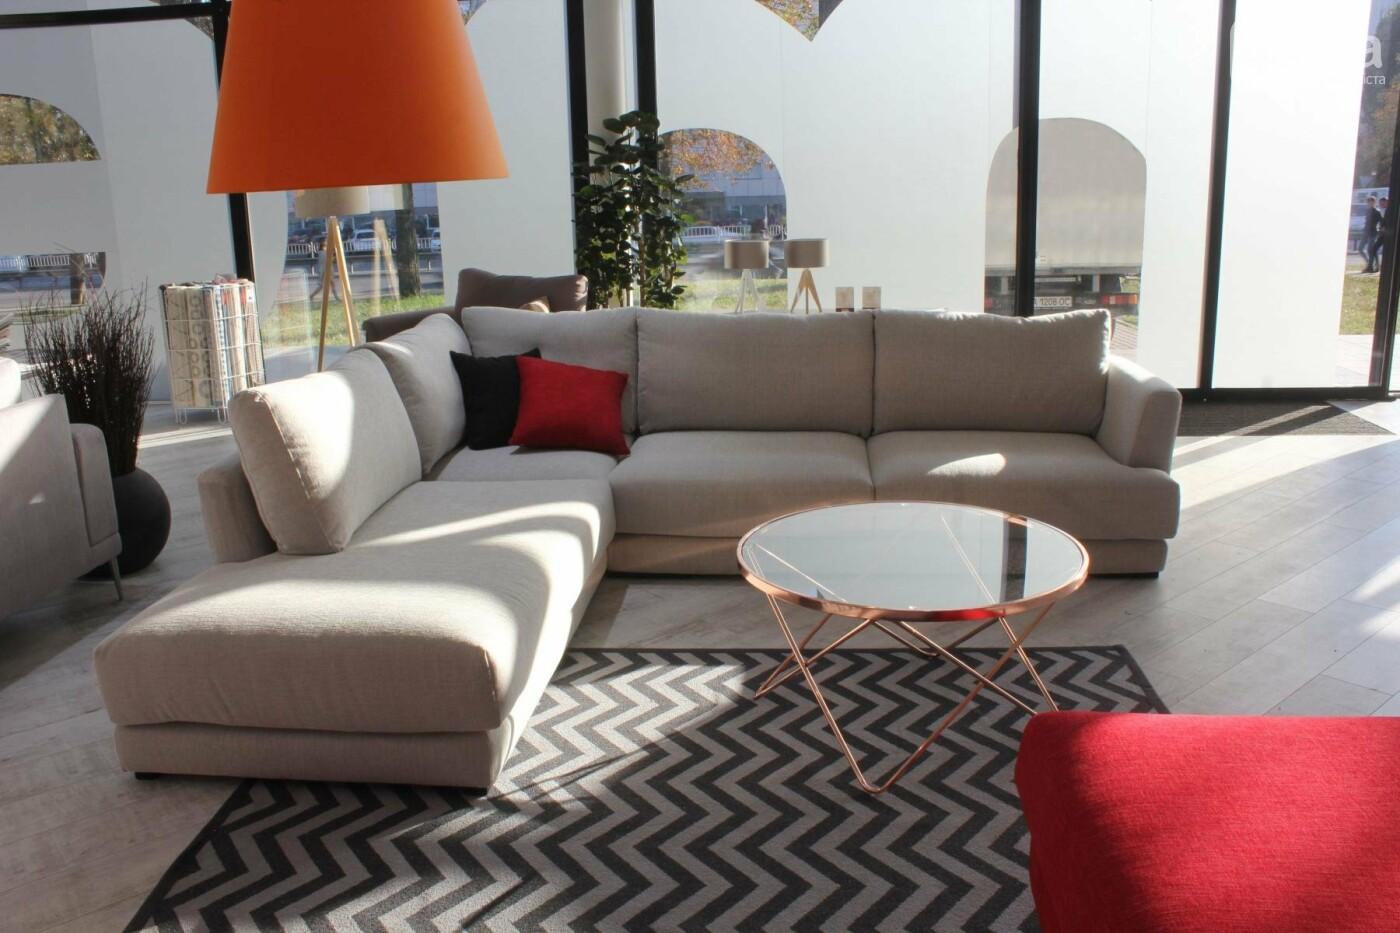 Обзор мебельных компаний Киева: какую мебель выбрать?, фото-42